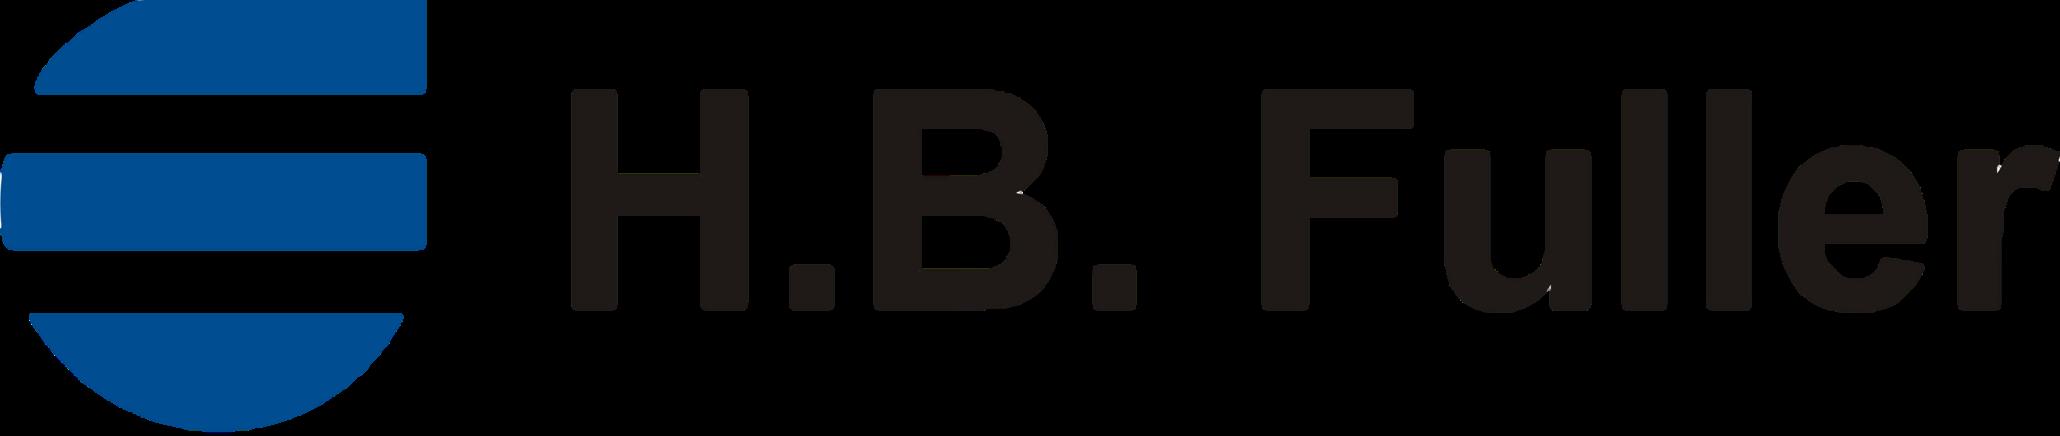 h-b fuller